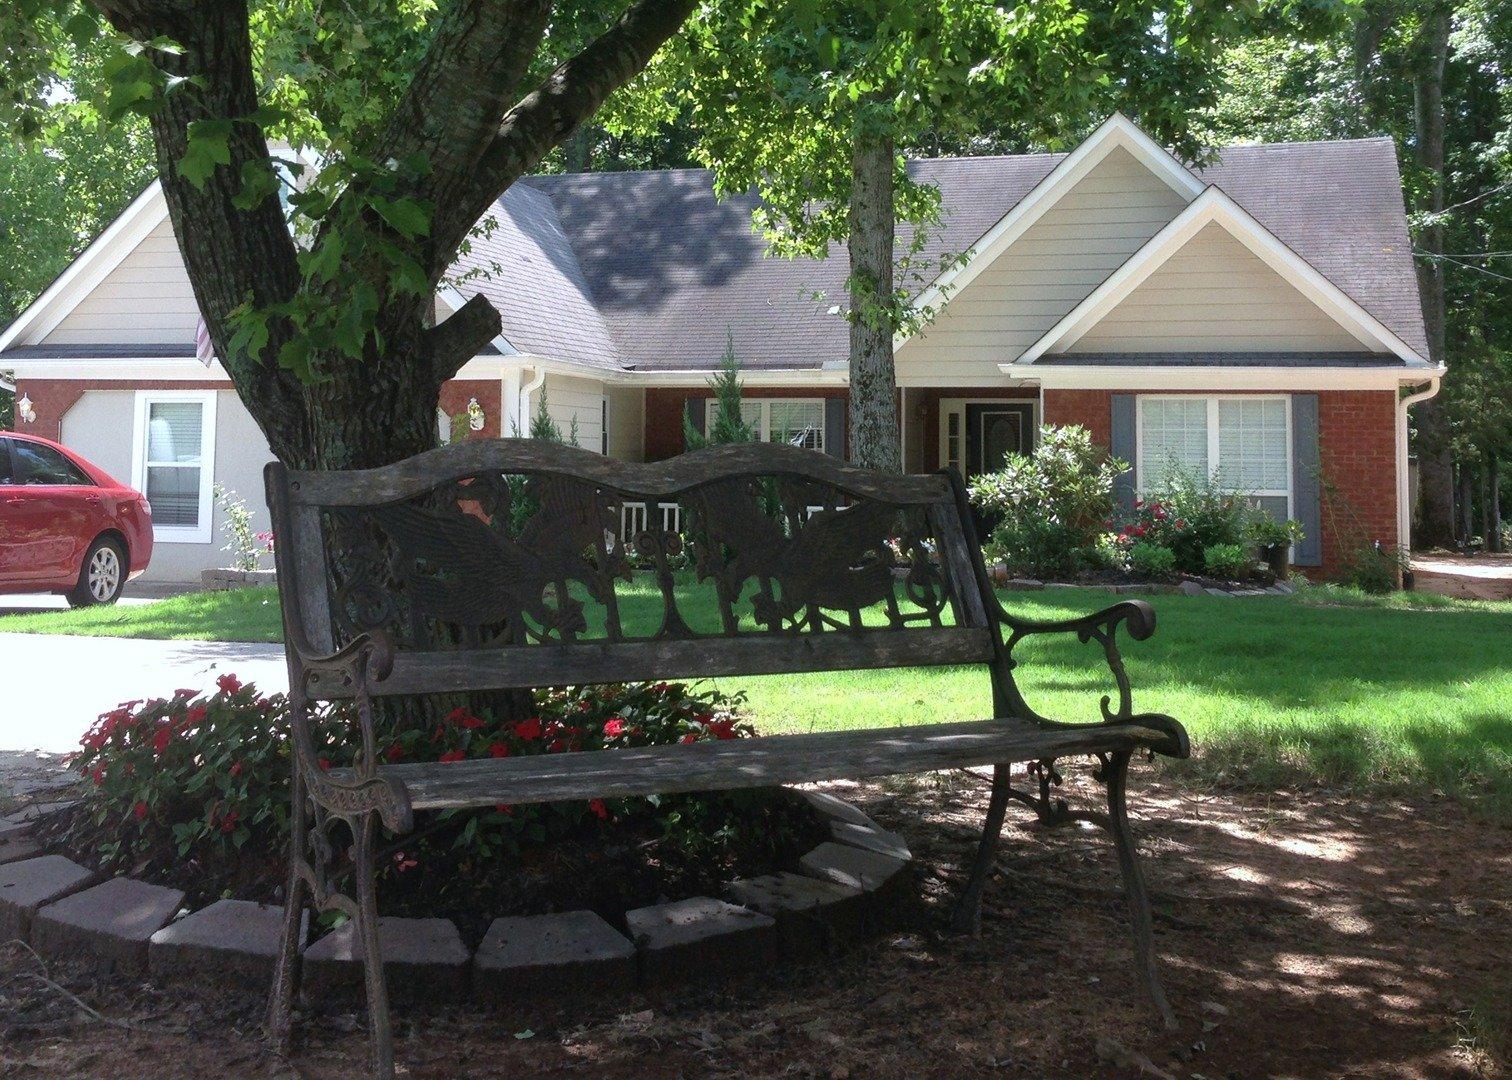 Anna's Private Home Care - Lawrenceville, GA